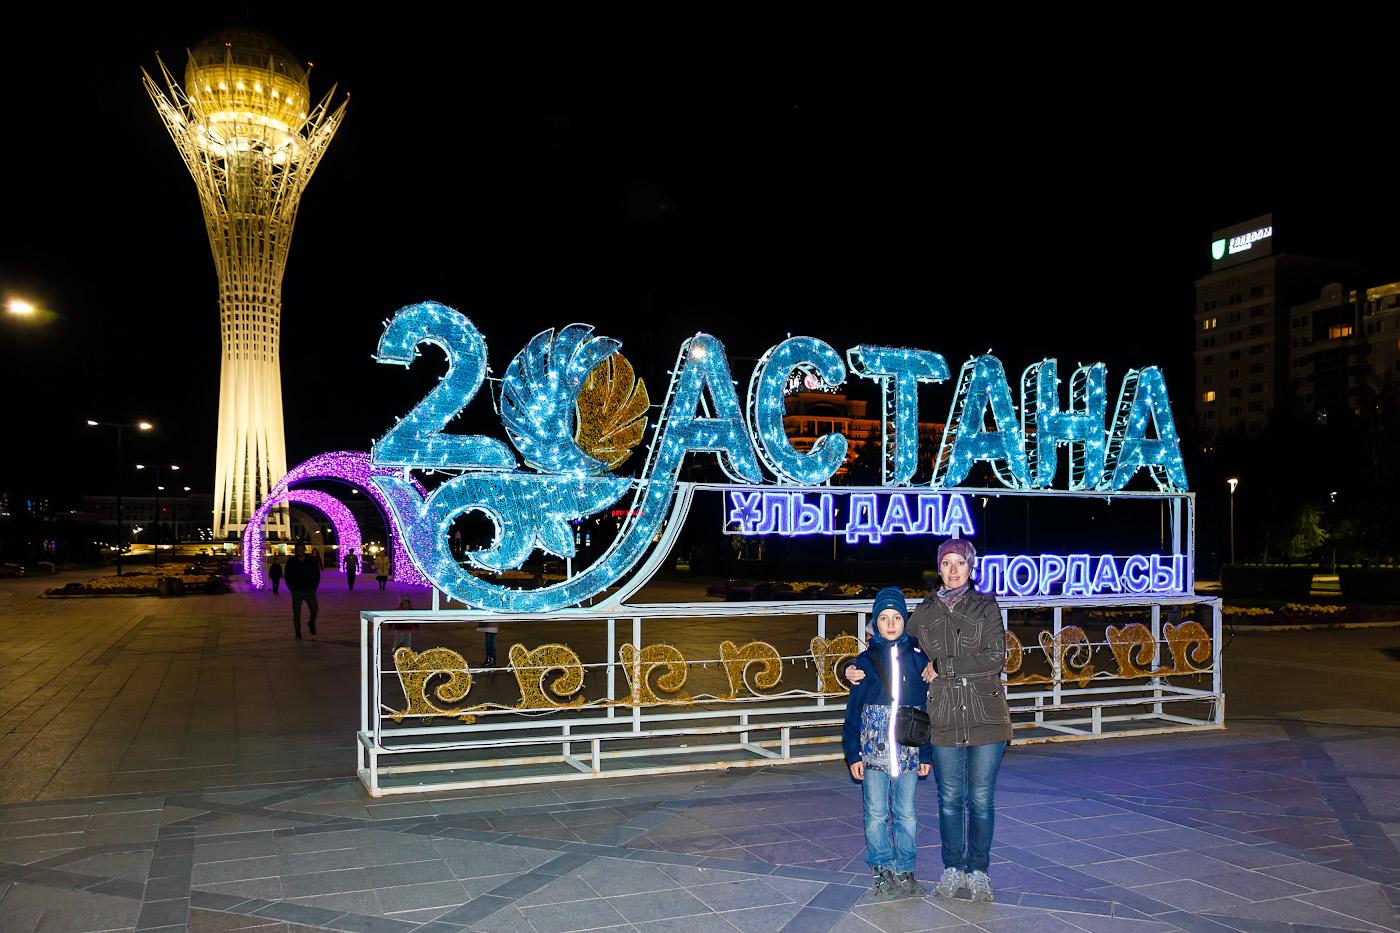 Фото 1. В 2018 году новой столице Республики Казахстан исполнилось 20 лет. Отзыв о ночной прогулке по Астане. Камера Canon EOS 650D Kit 18-135mm f/3.5-5.6 STM. Настройки: В=1/15, поправка экспозиции +0.3EV, f/3.5, ISO 400, ФР=18 мм.